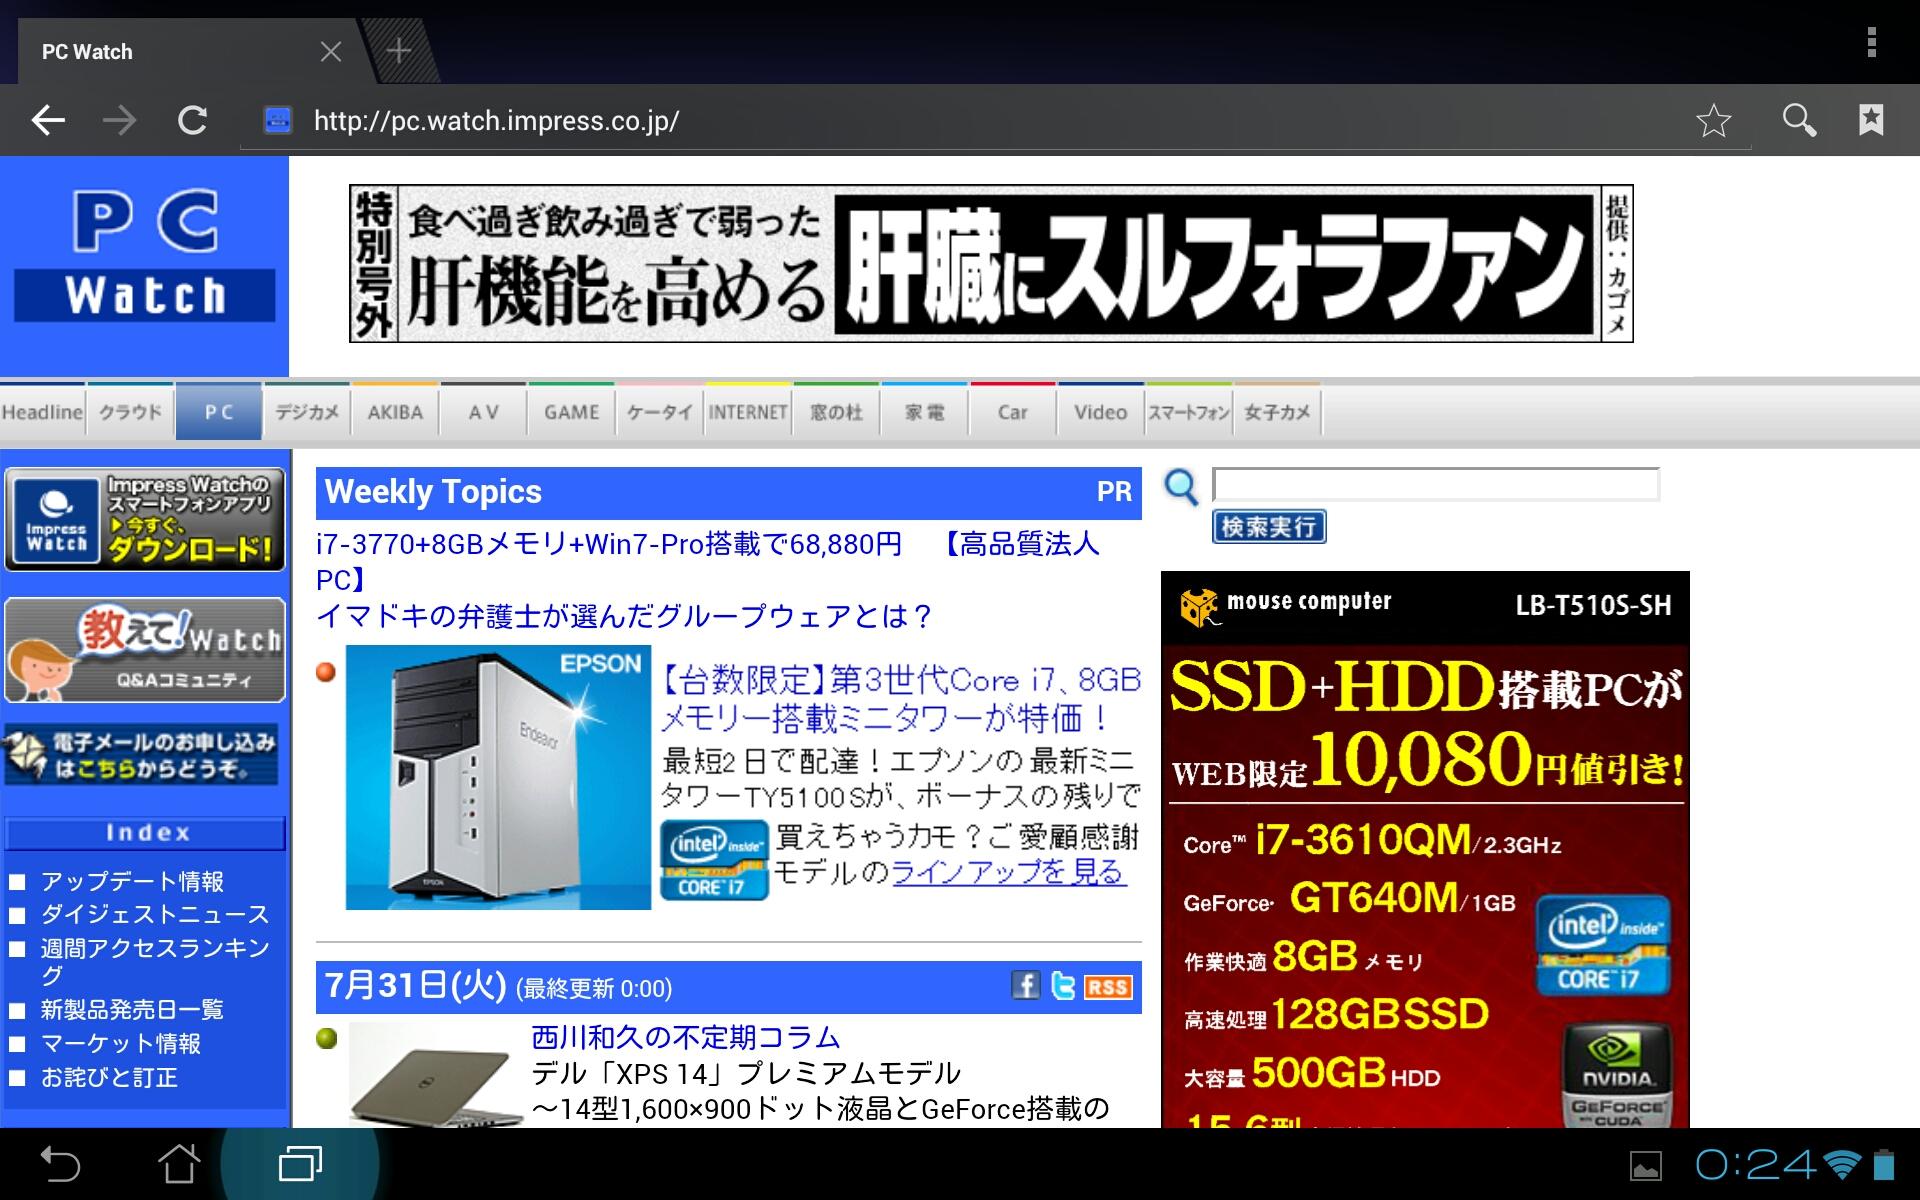 PC Watch表示時のスクリーンショット